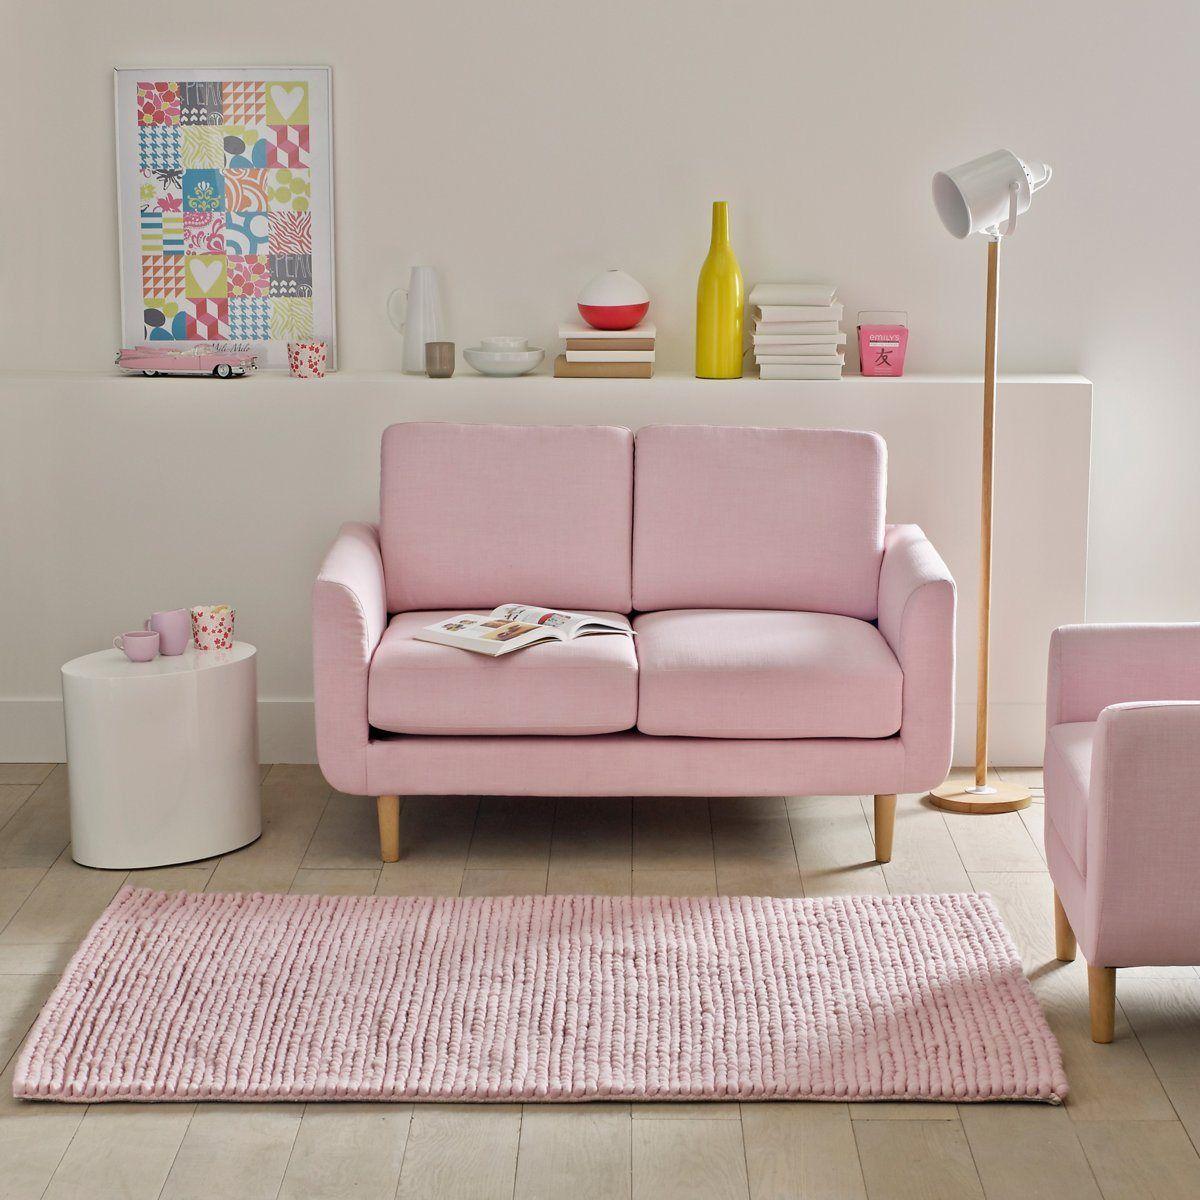 Tapete em pura lã, efeito malha entrançada, 3 tamanhos, diano La Redoute Interieurs | La Redoute